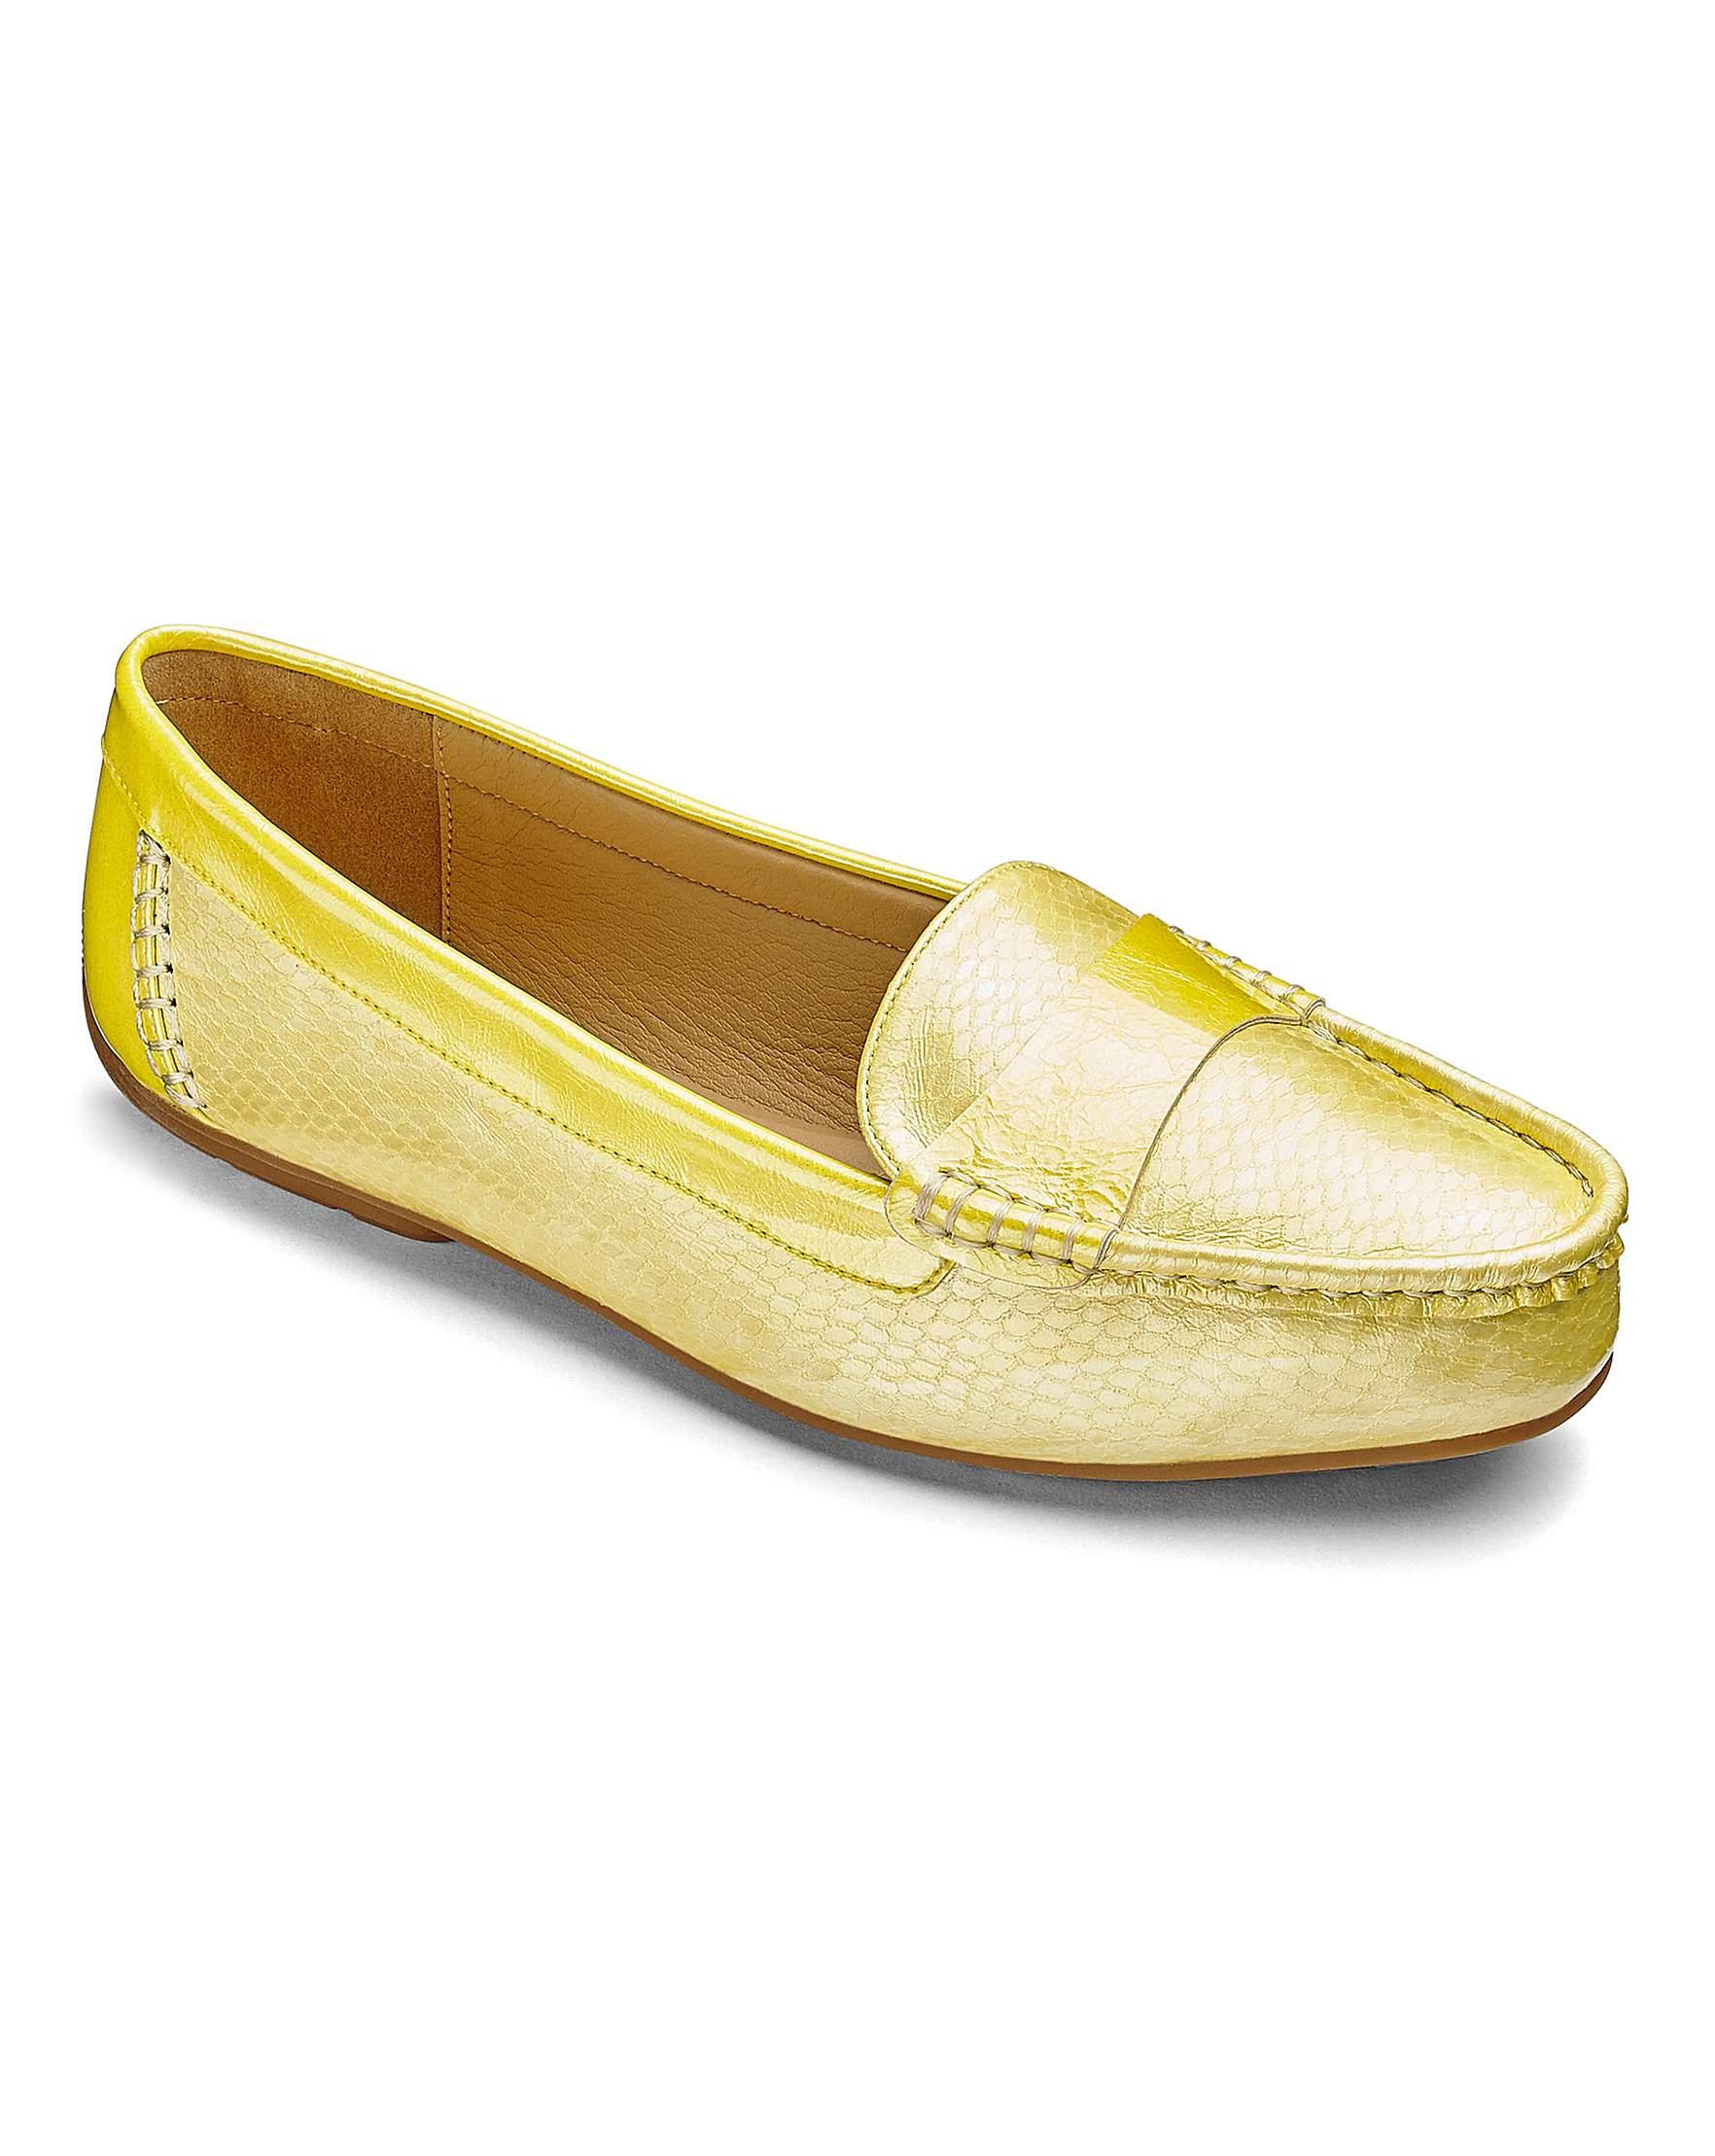 d5ce63fb04a Heavenly Soles Flexible Sole Slip On Shoes Wide E Fit